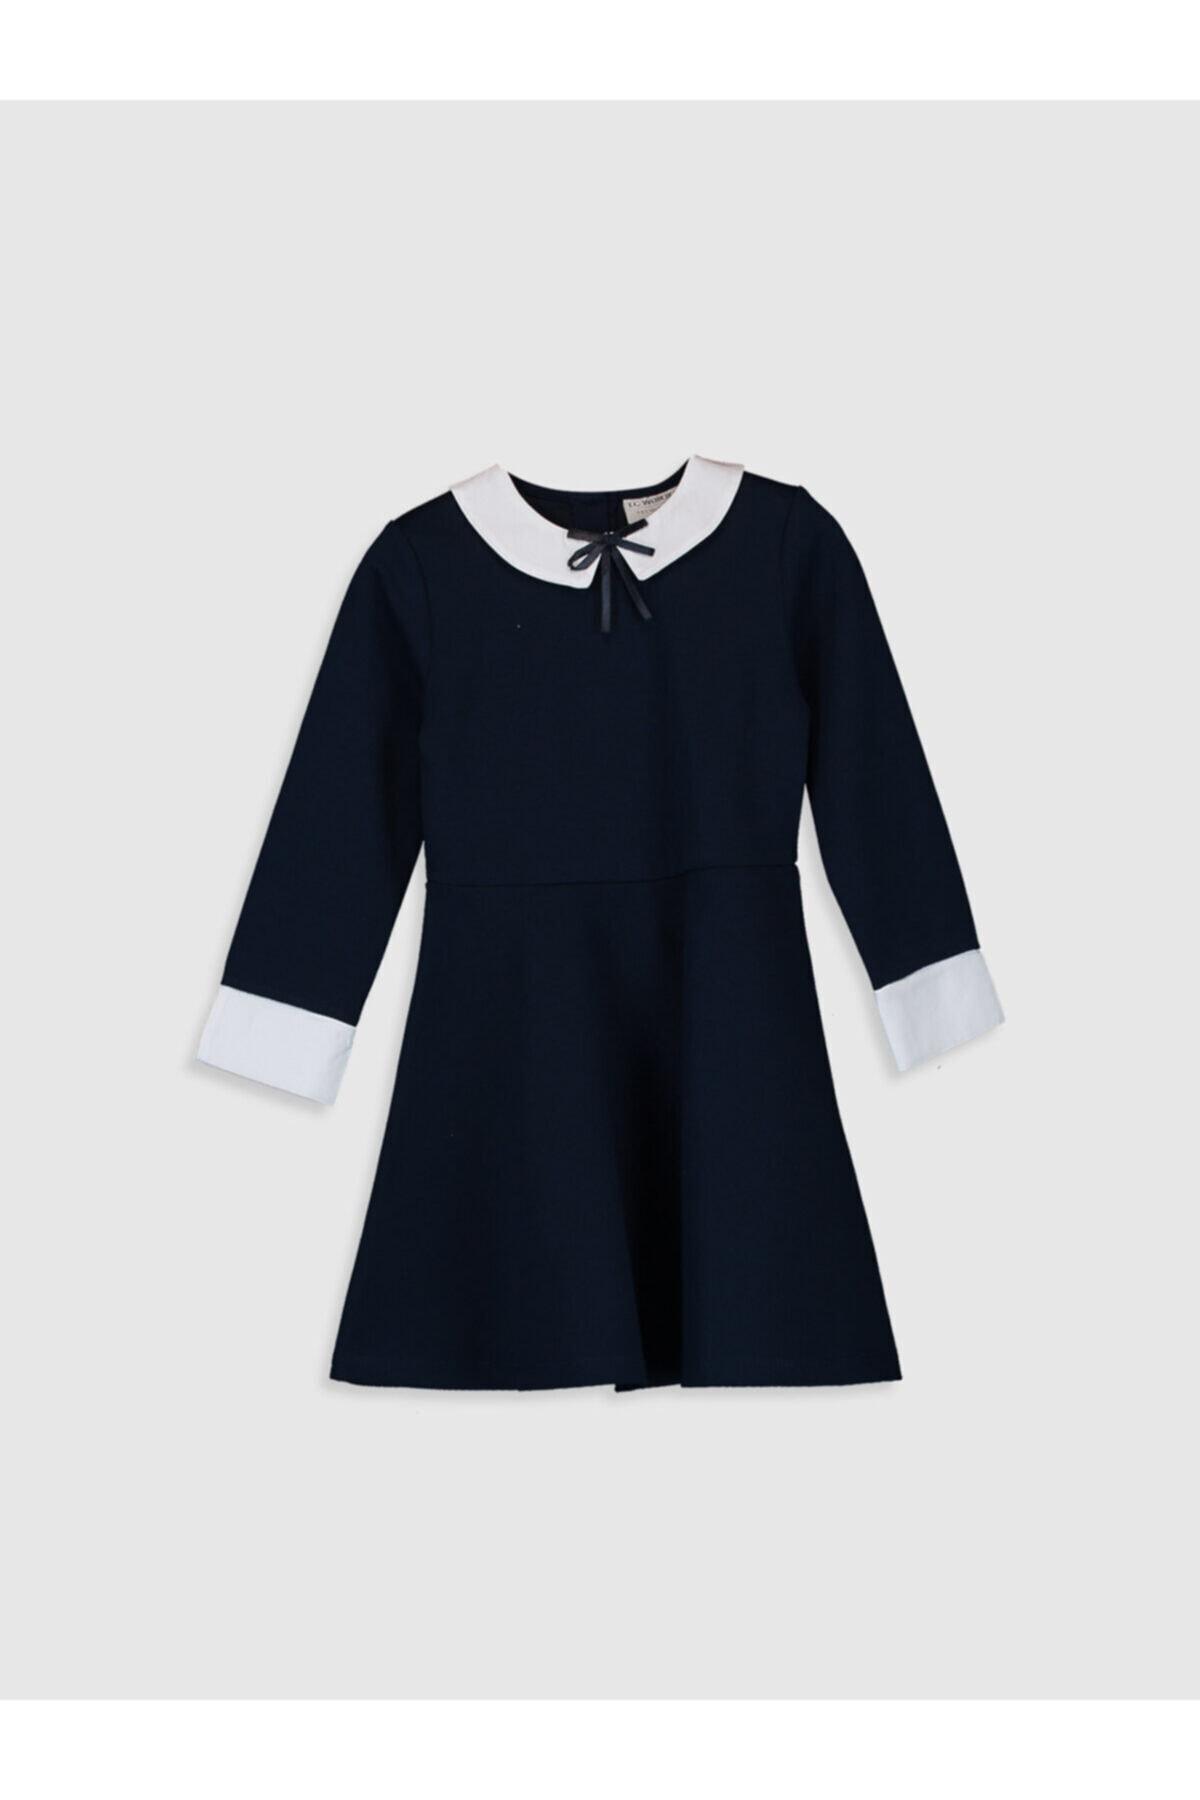 LC Waikiki Kız Çocuk Koyu Lacivert Hrc Elbise 1